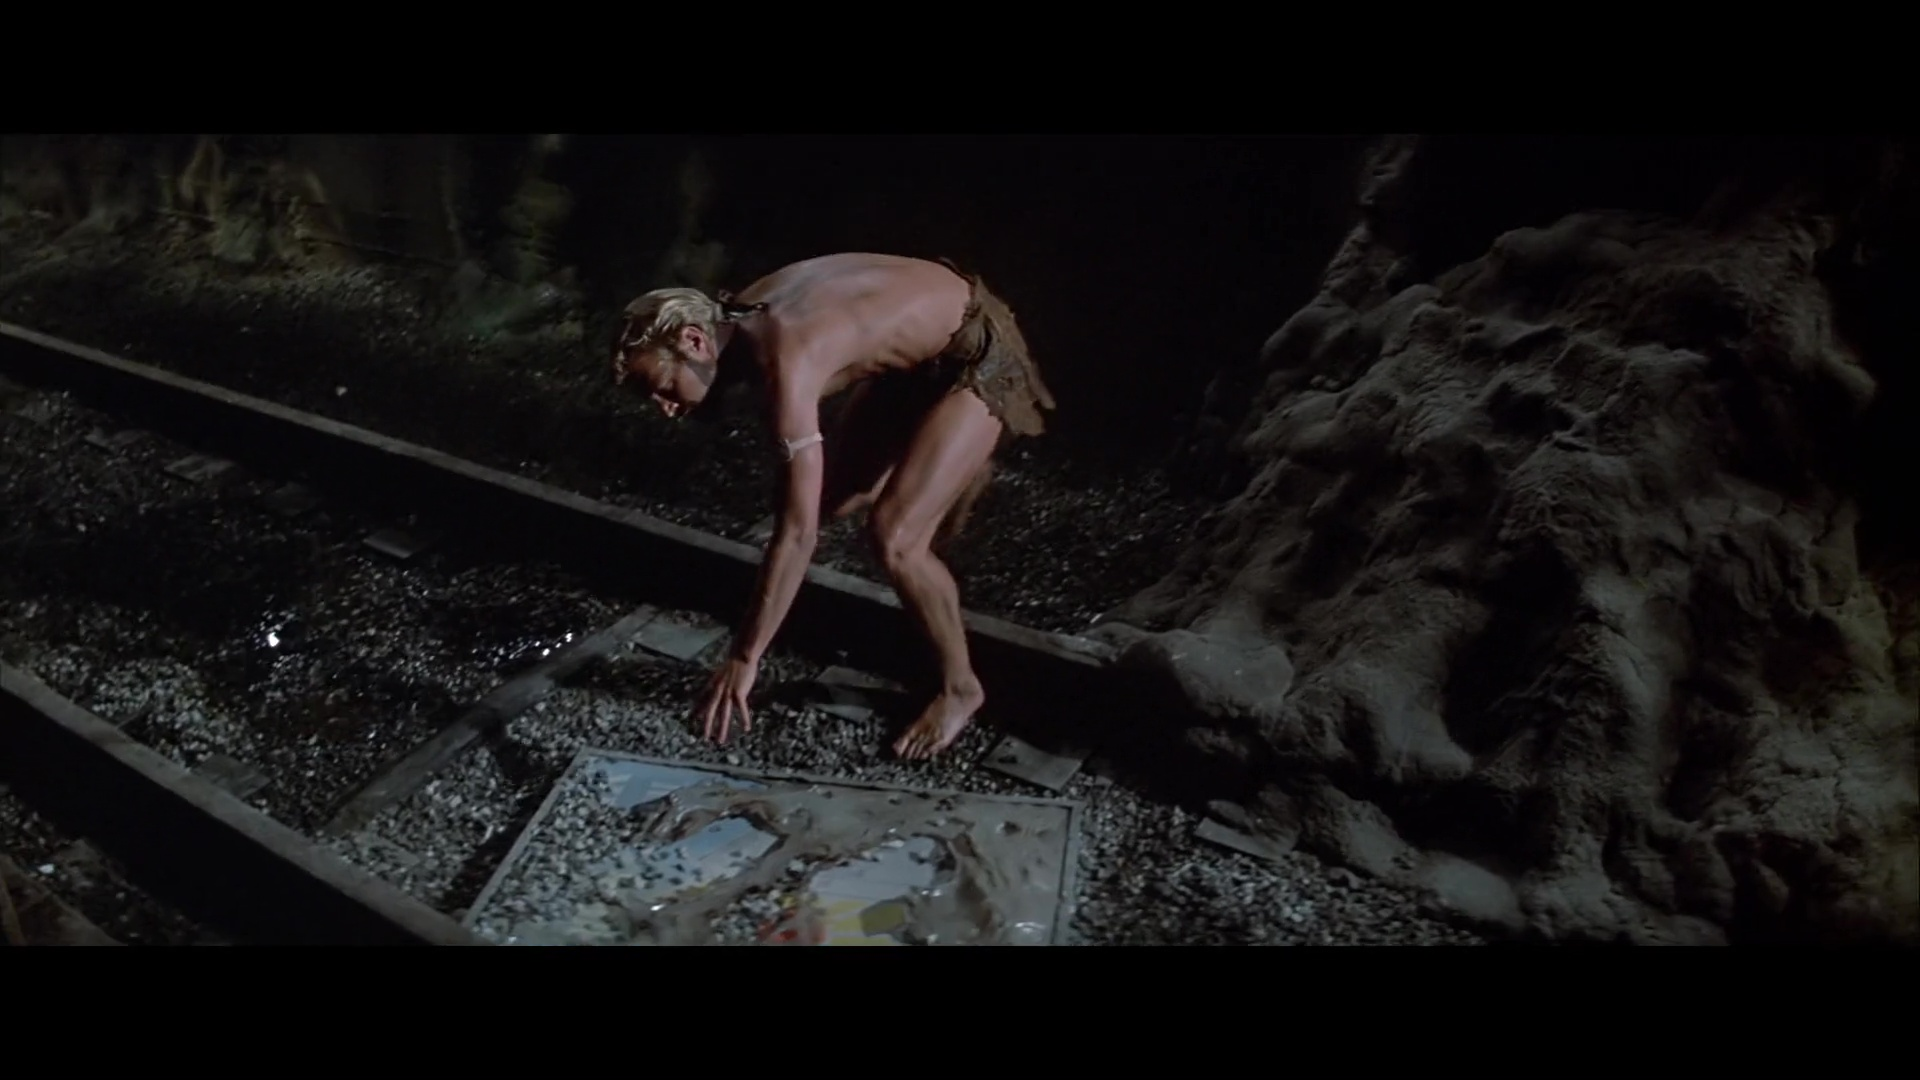 Bajo El Planeta De Los Simios 1080p Lat-Cast-Ing 5.1 (1970)